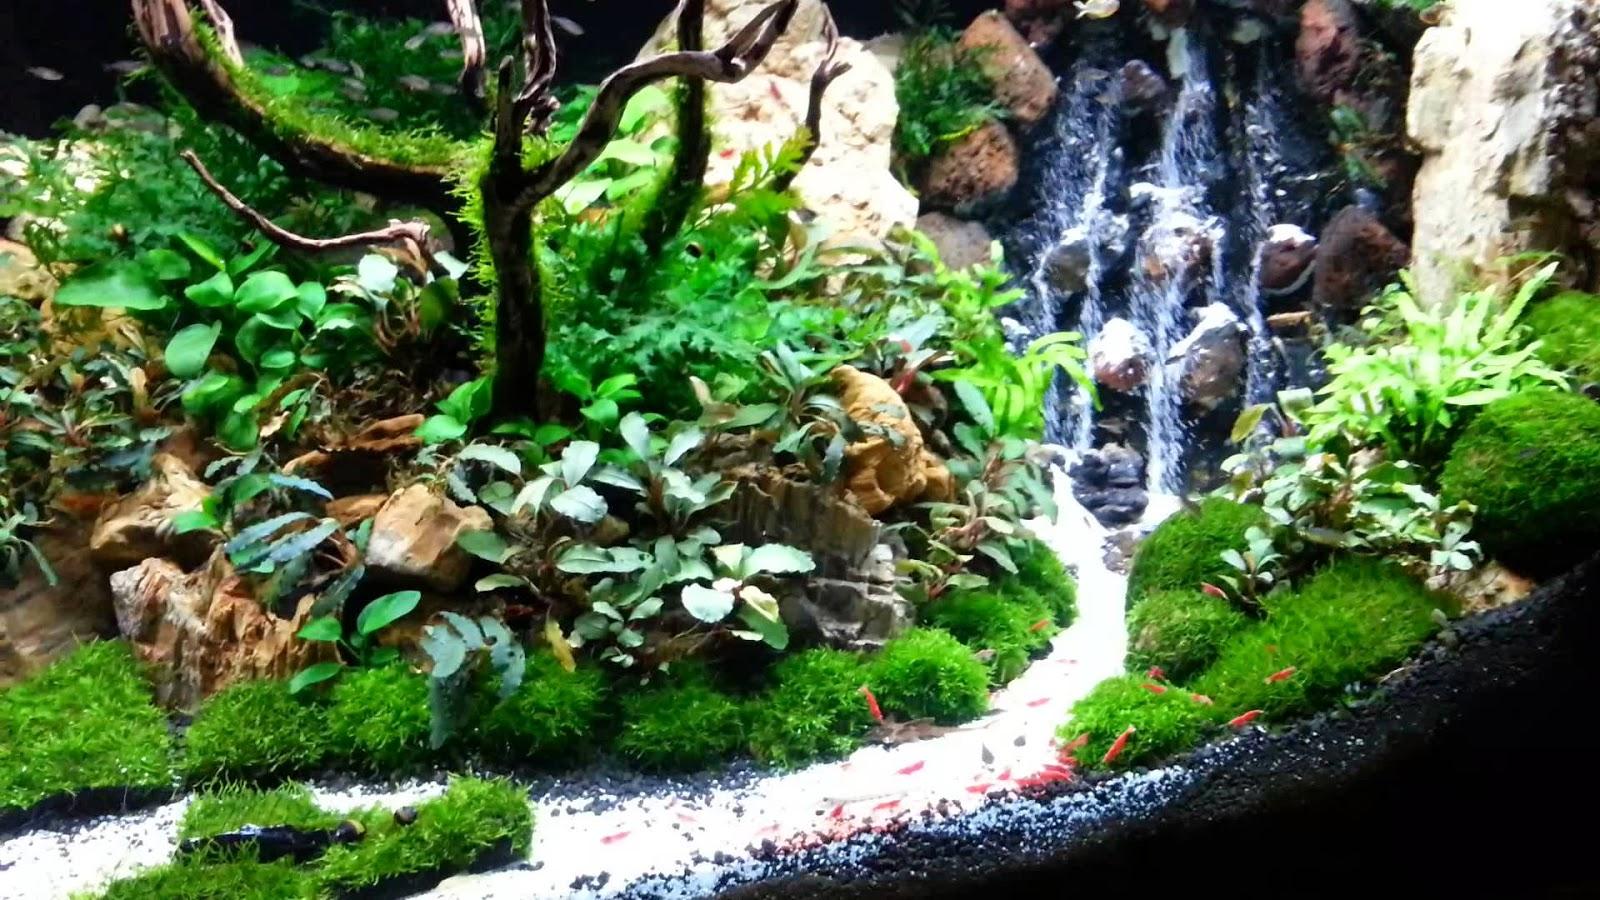 Aji aquascape apa itu aquascape - Gambar aquascape ...